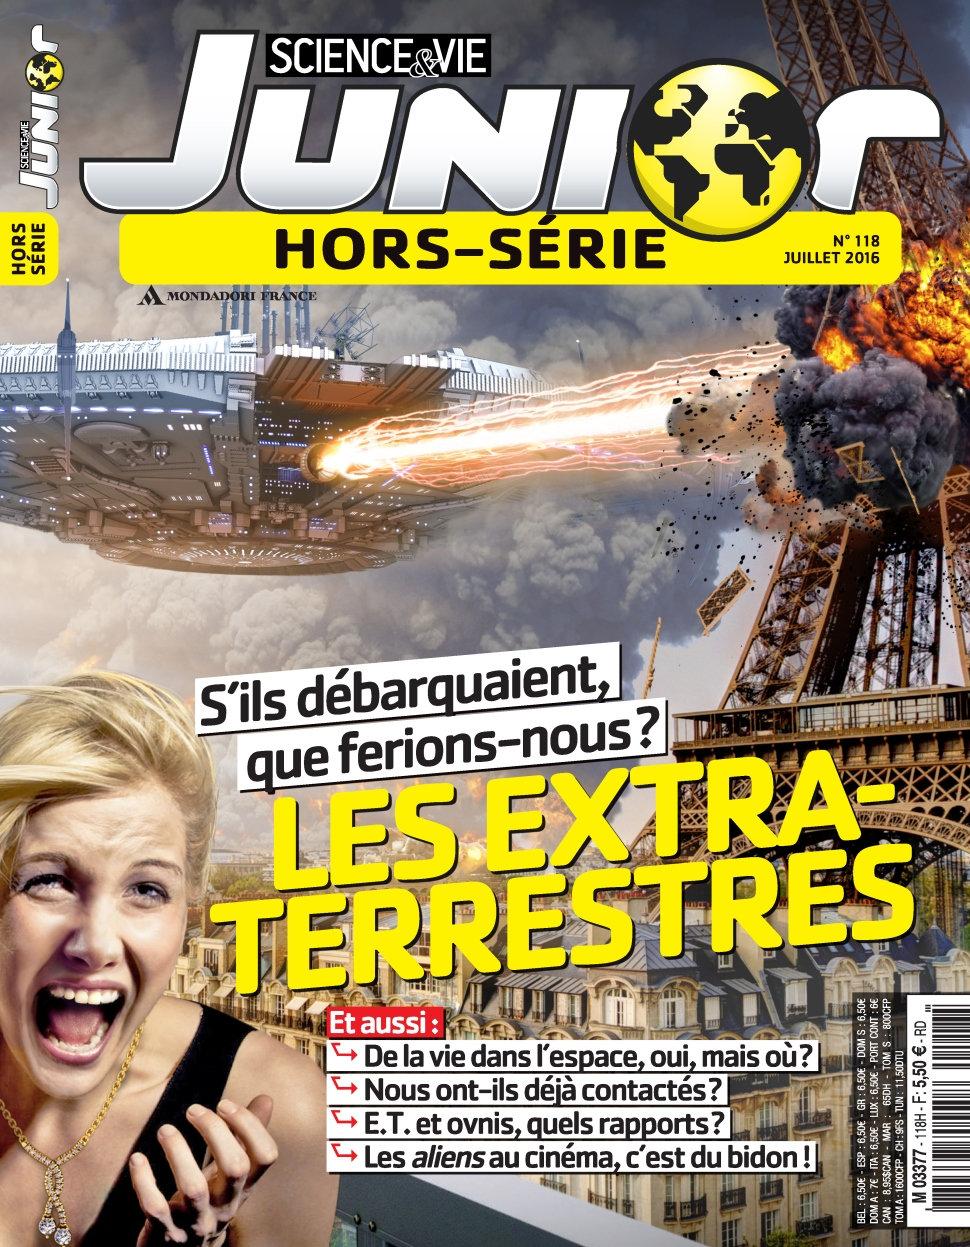 Science & Vie Junior Hors-Série N°118 - Juillet 2016